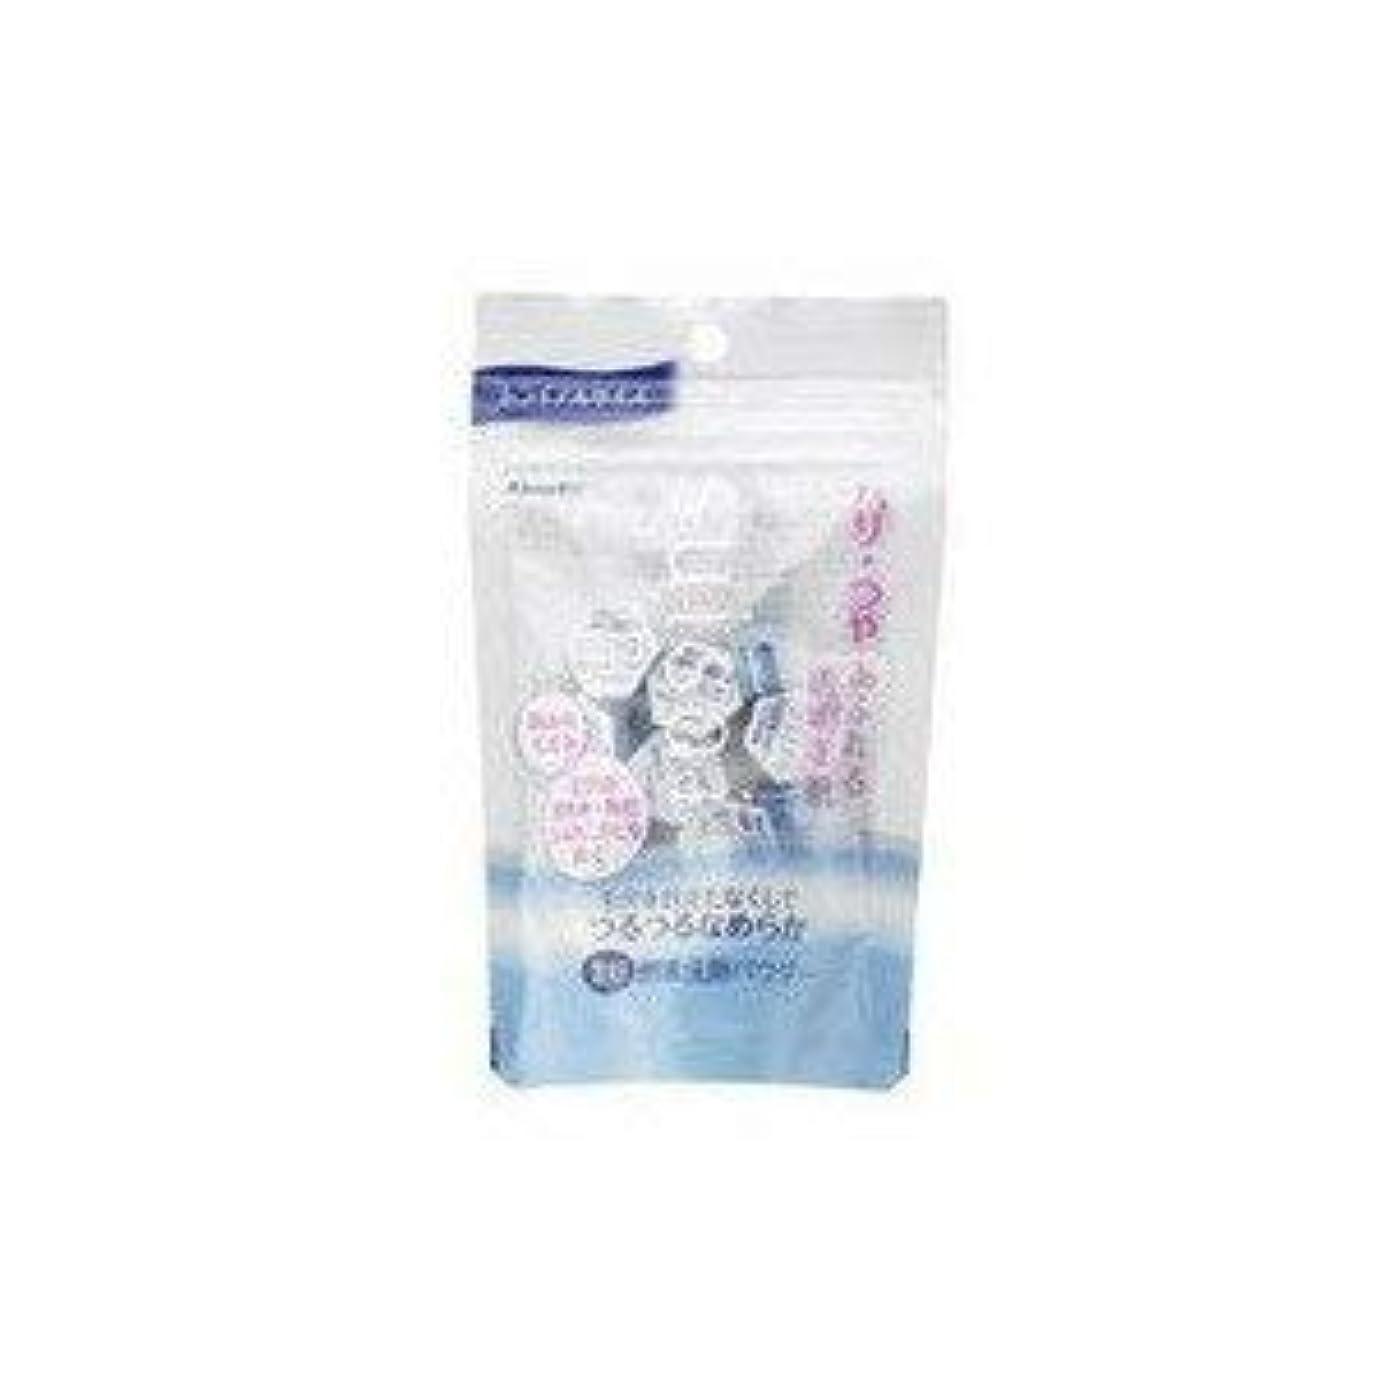 ネコ蒸留免疫2個セット カネボウ suisai スイサイ ビューティクリアパウダー AP 0.4g×15個